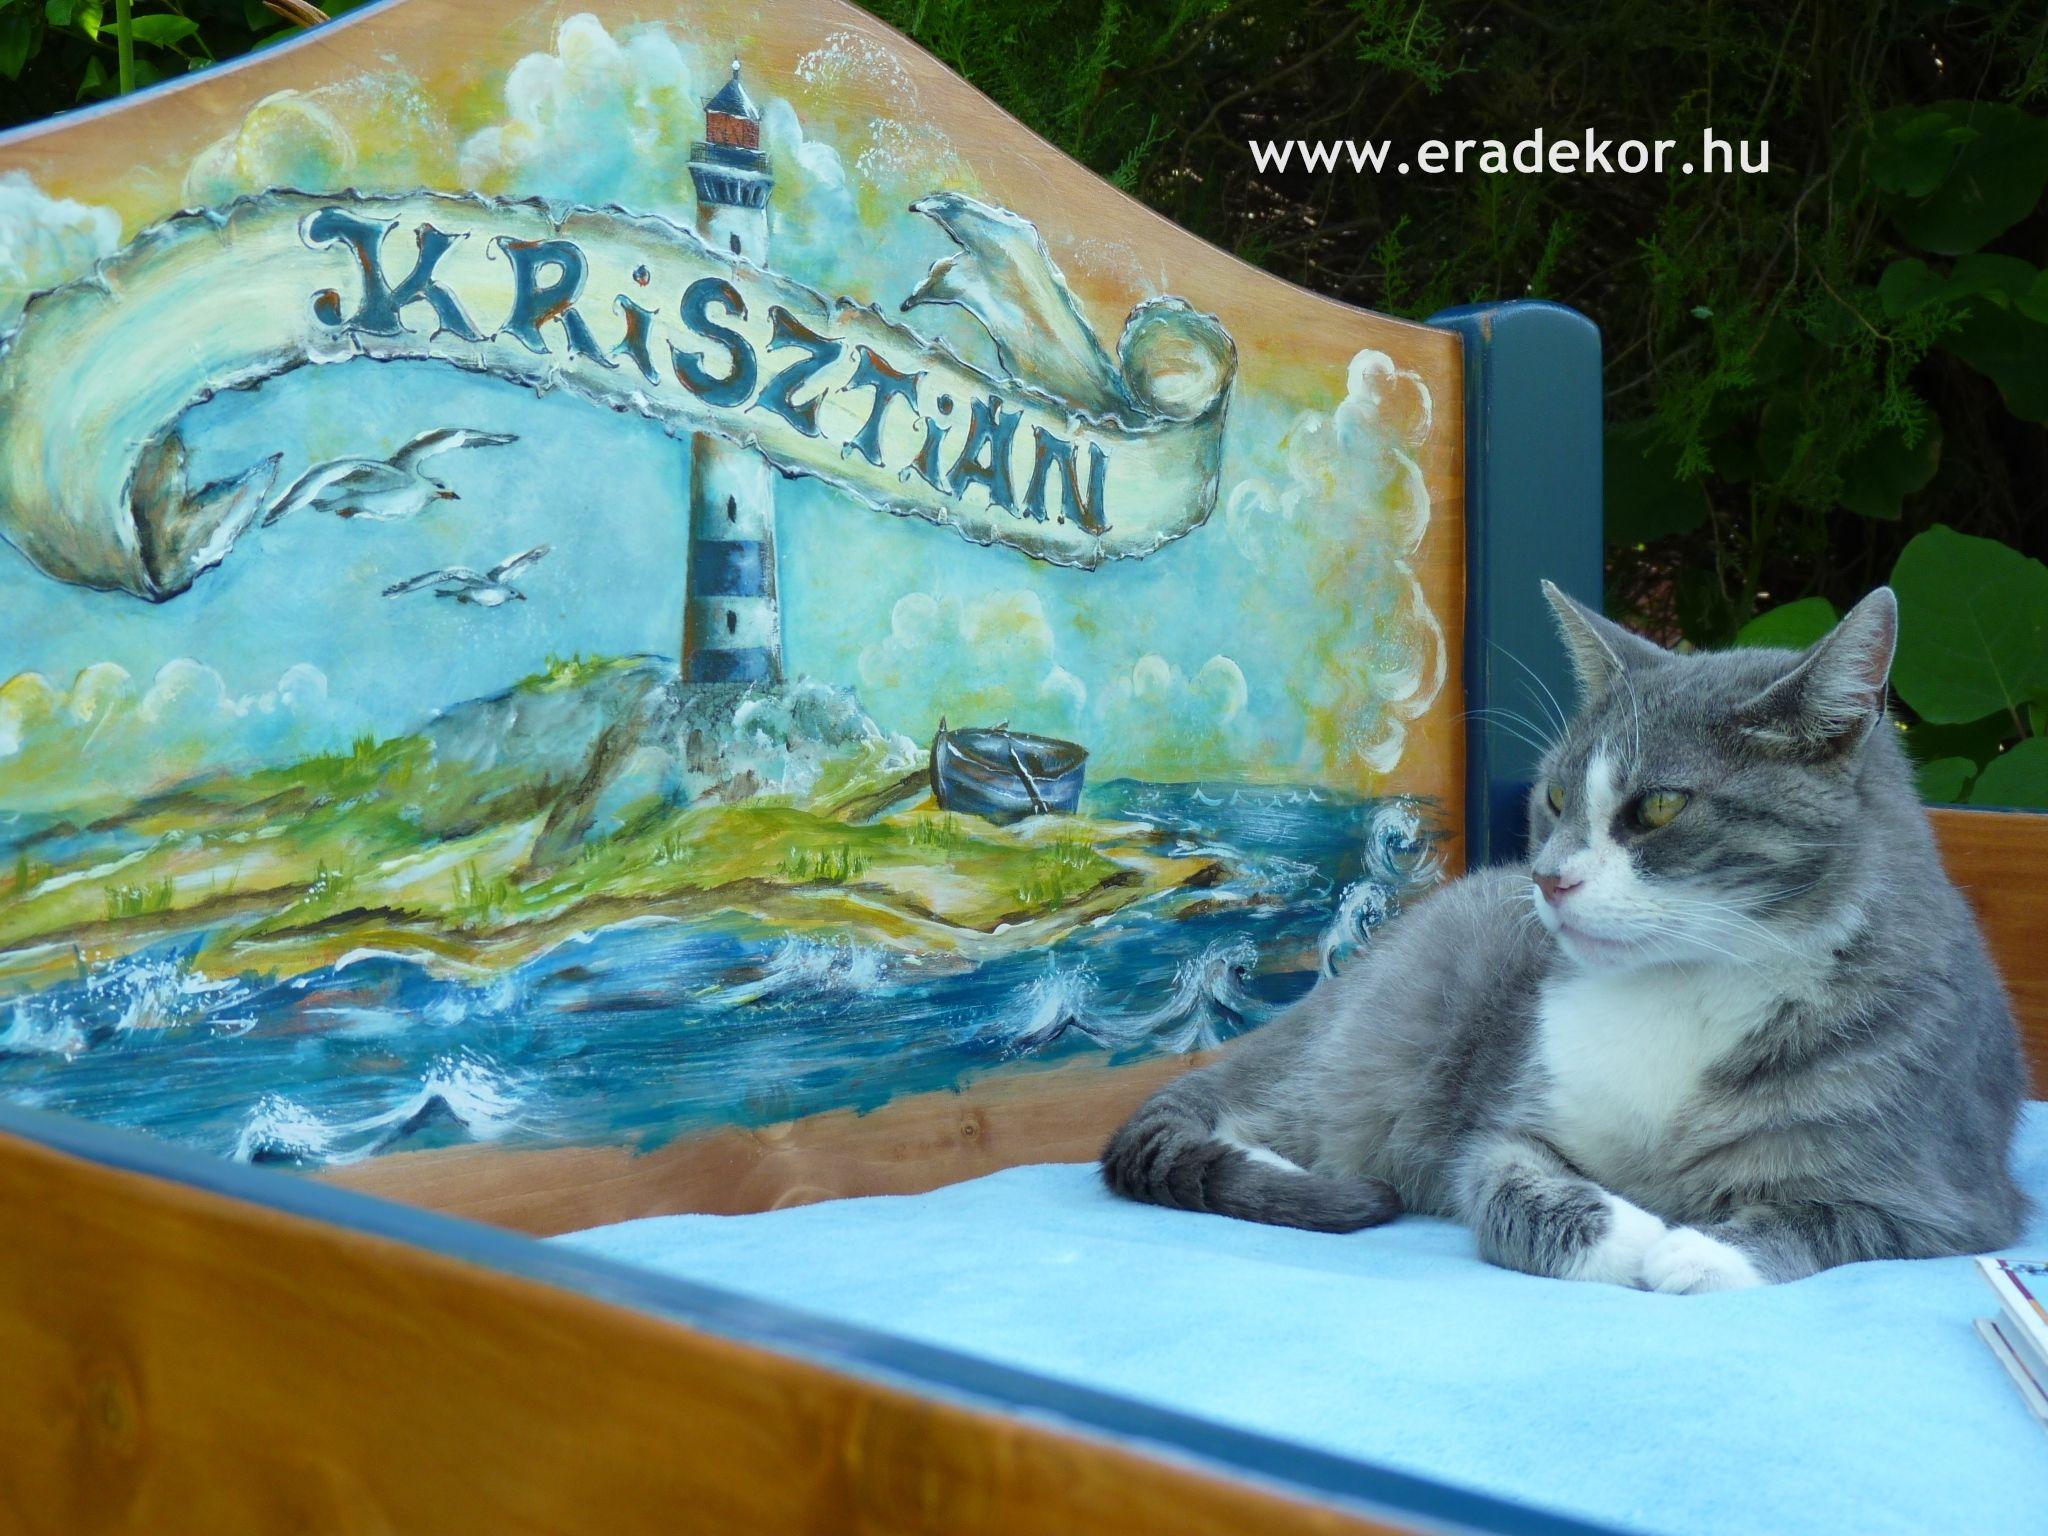 Berci cica kedveli a klassz helyeket :) - Krisztián névreszóló tömörfenyő, hajós mintával festett gyerekágy. Fotó azonosító: AGYKRI04